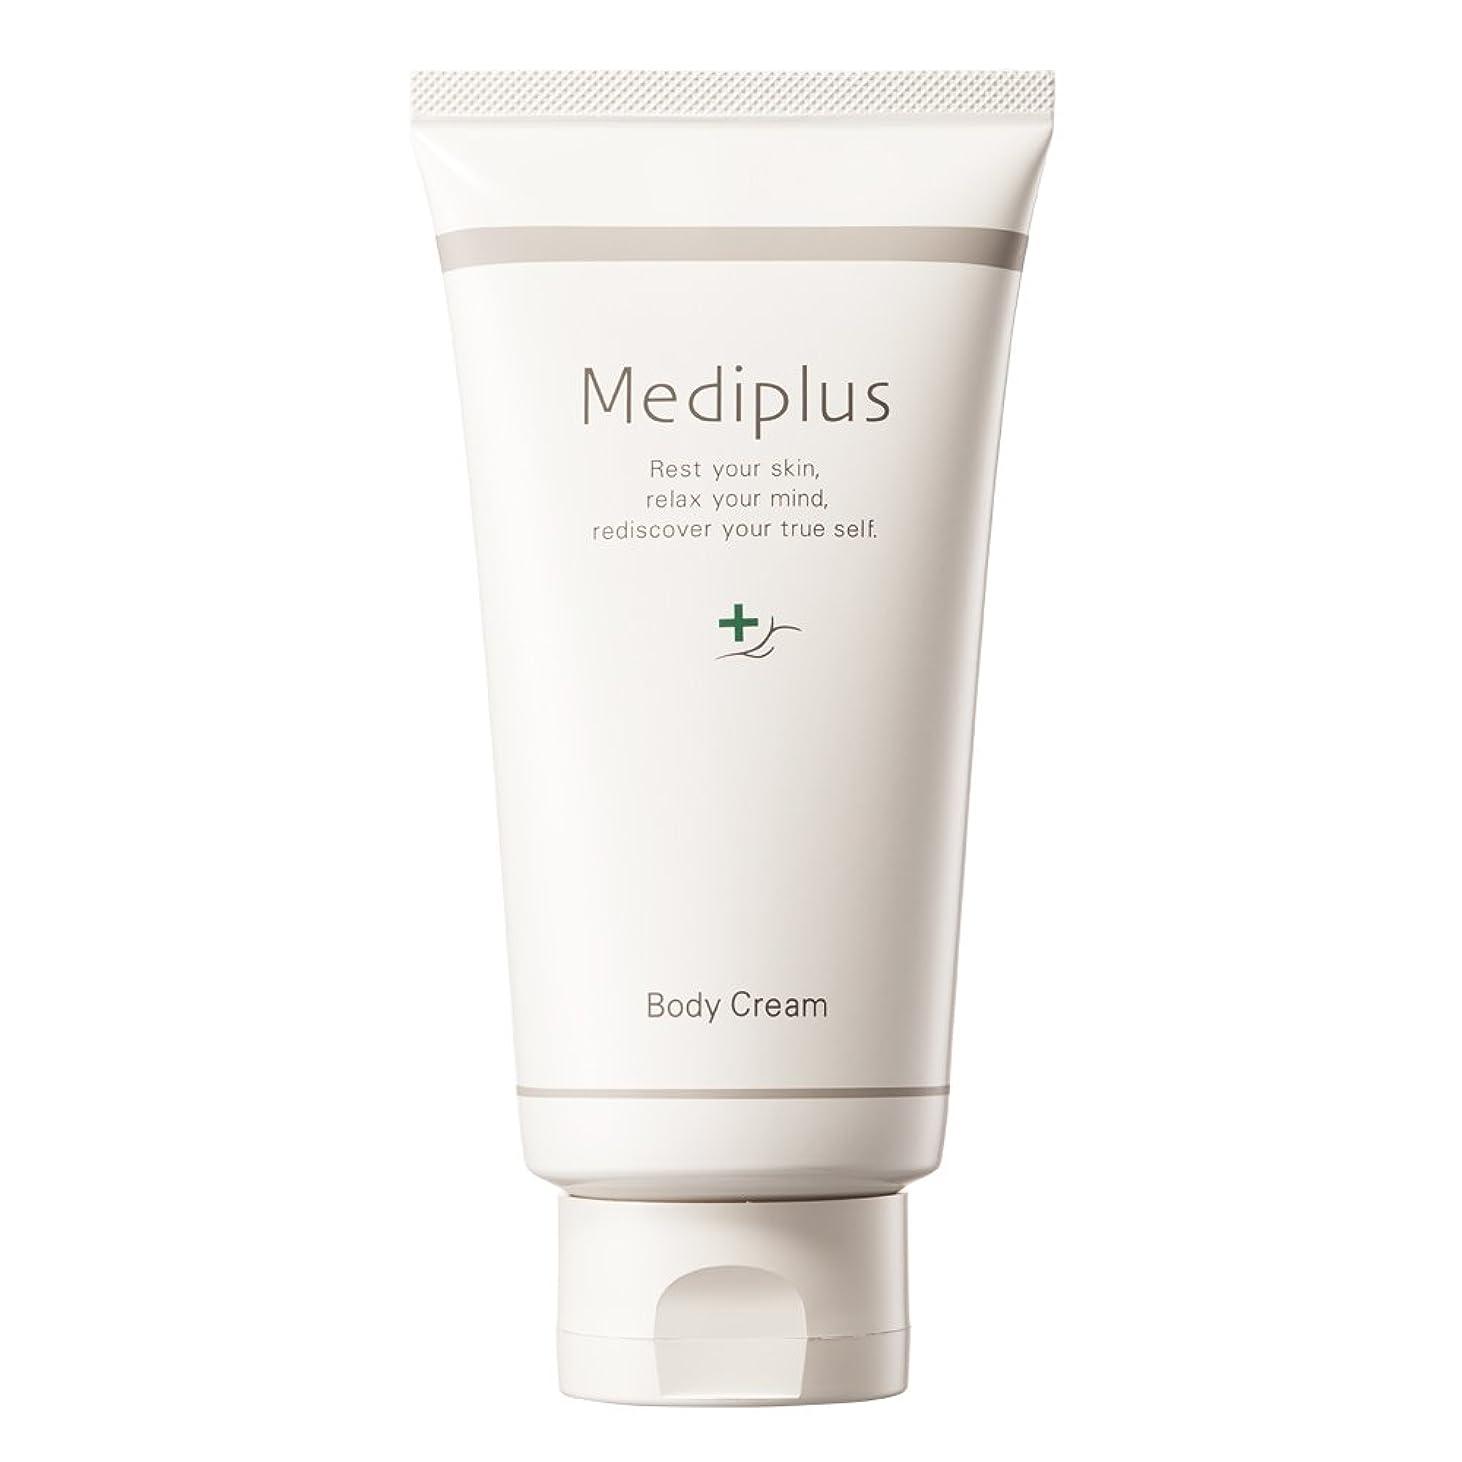 人工時実現可能性mediplus メディプラスボディクリーム 150g(約2ヵ月分)